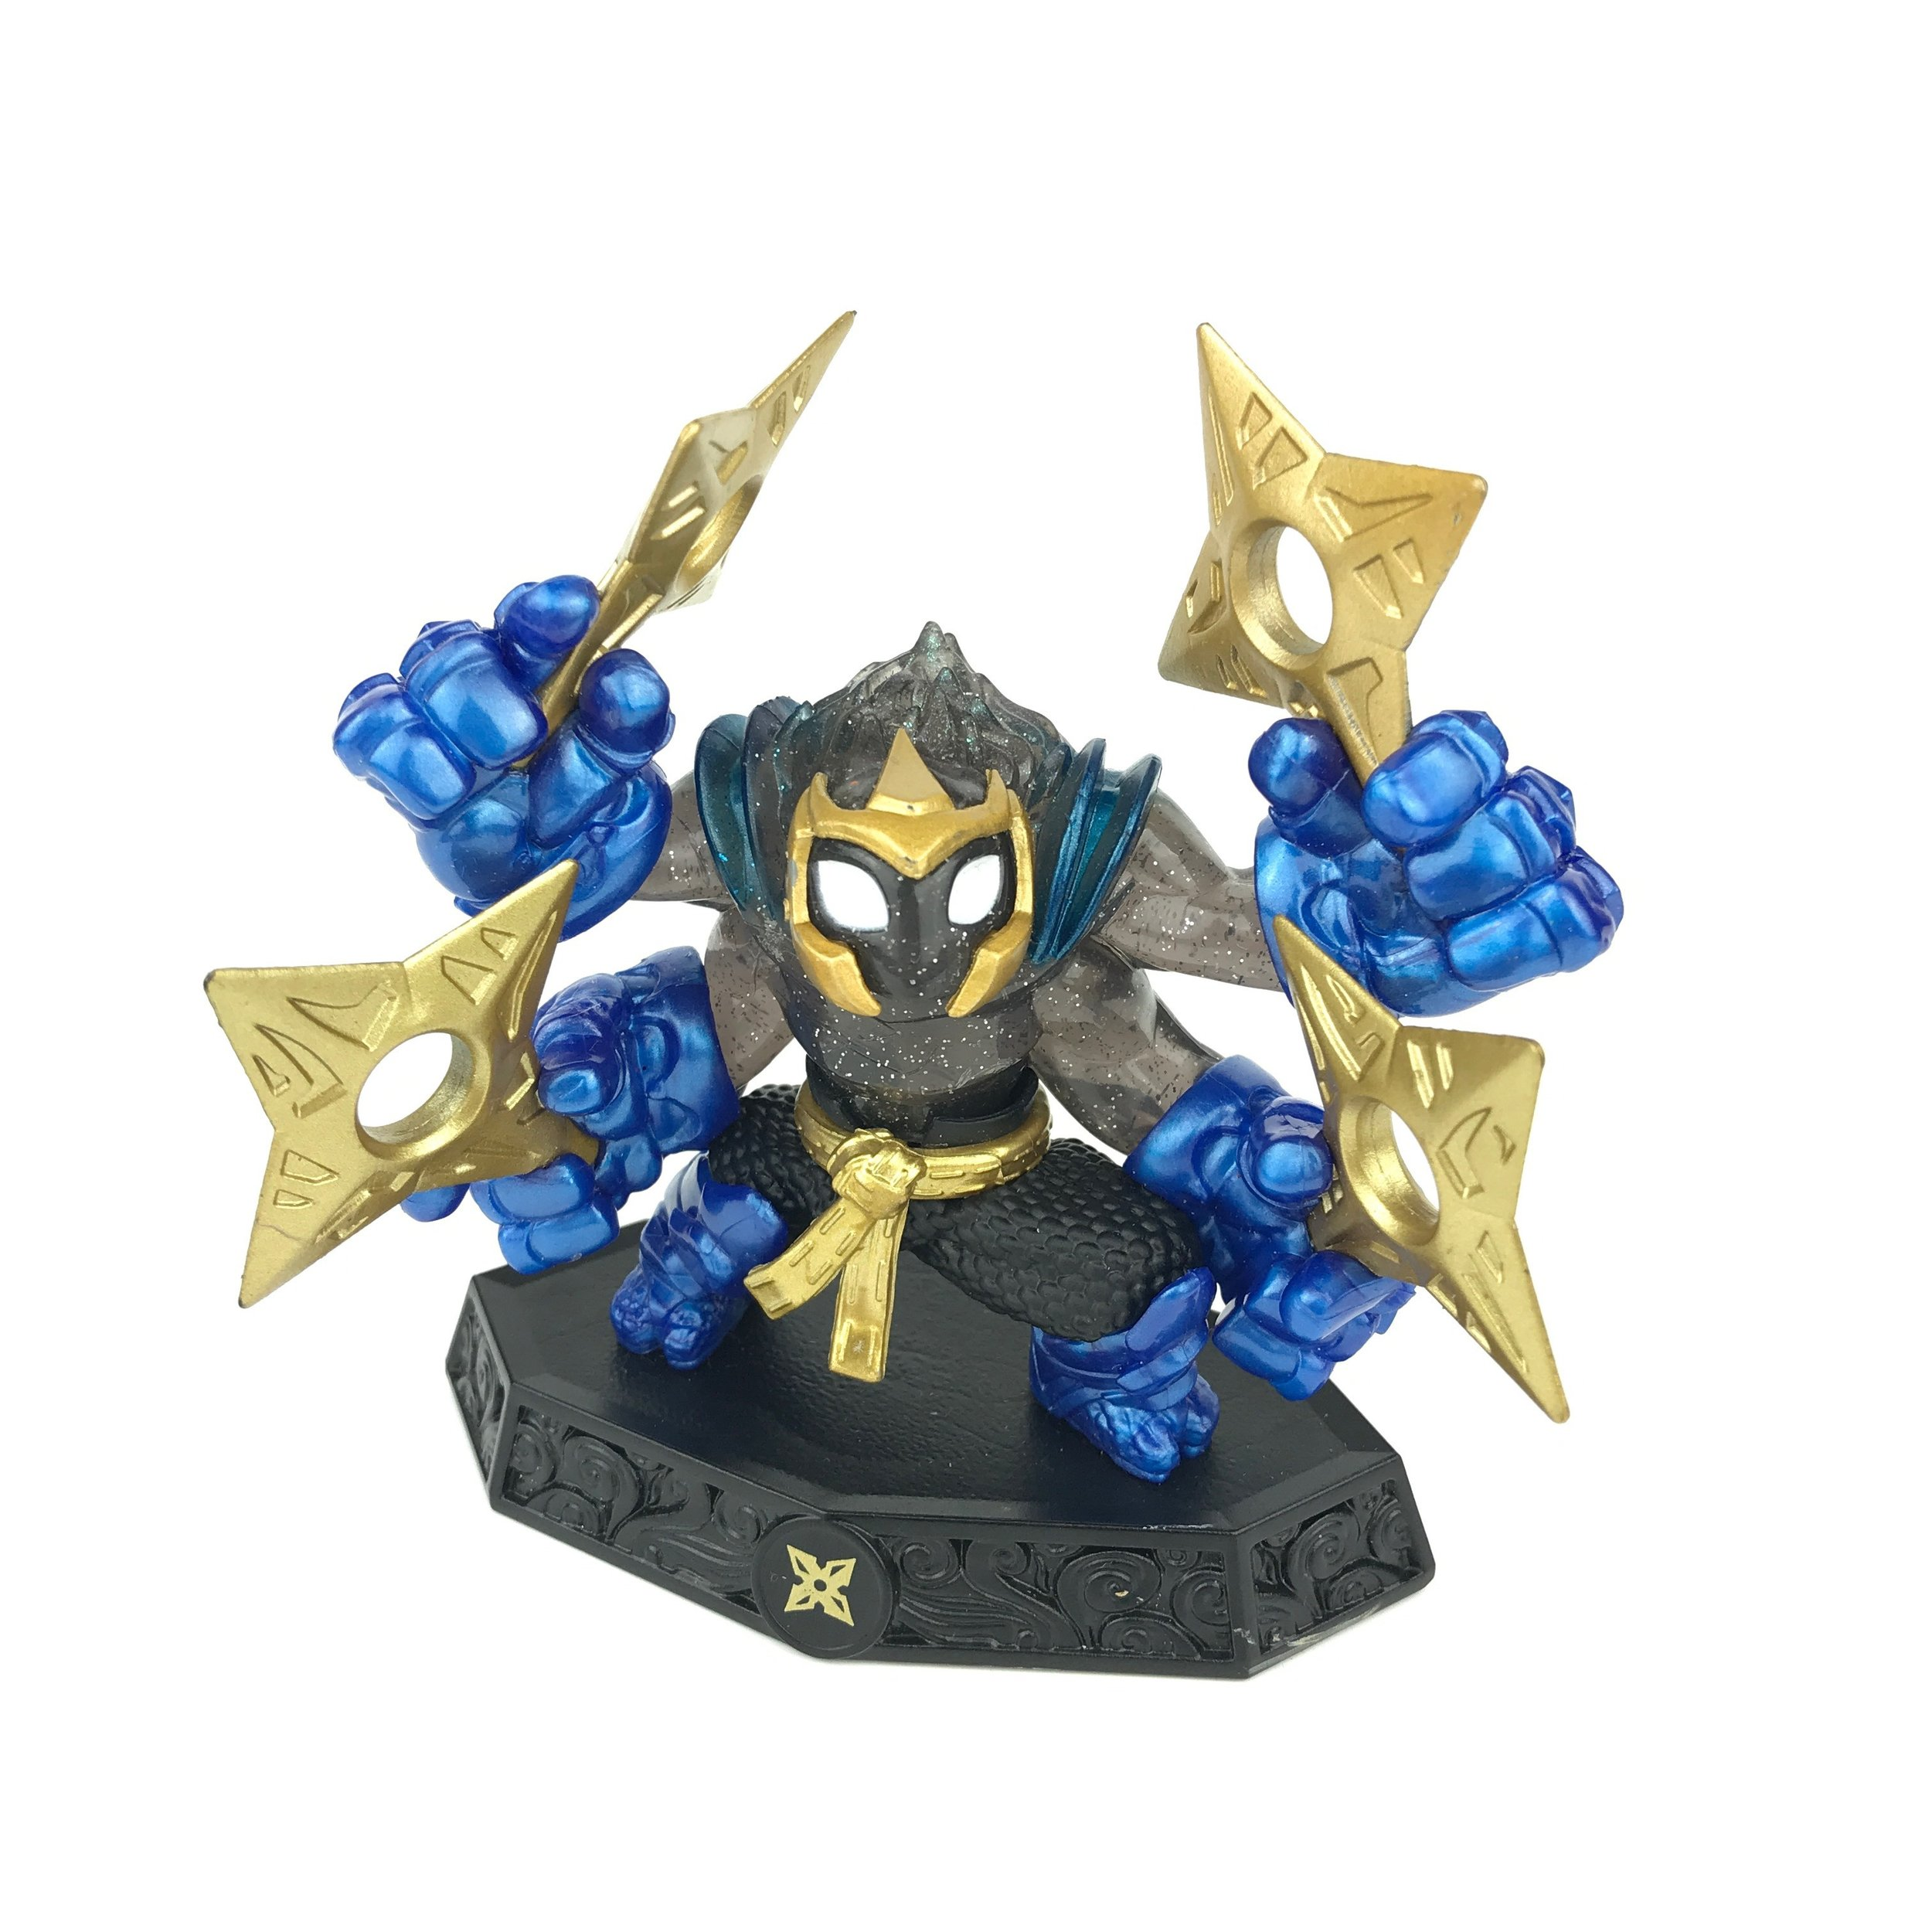 Starcast Skylander toy